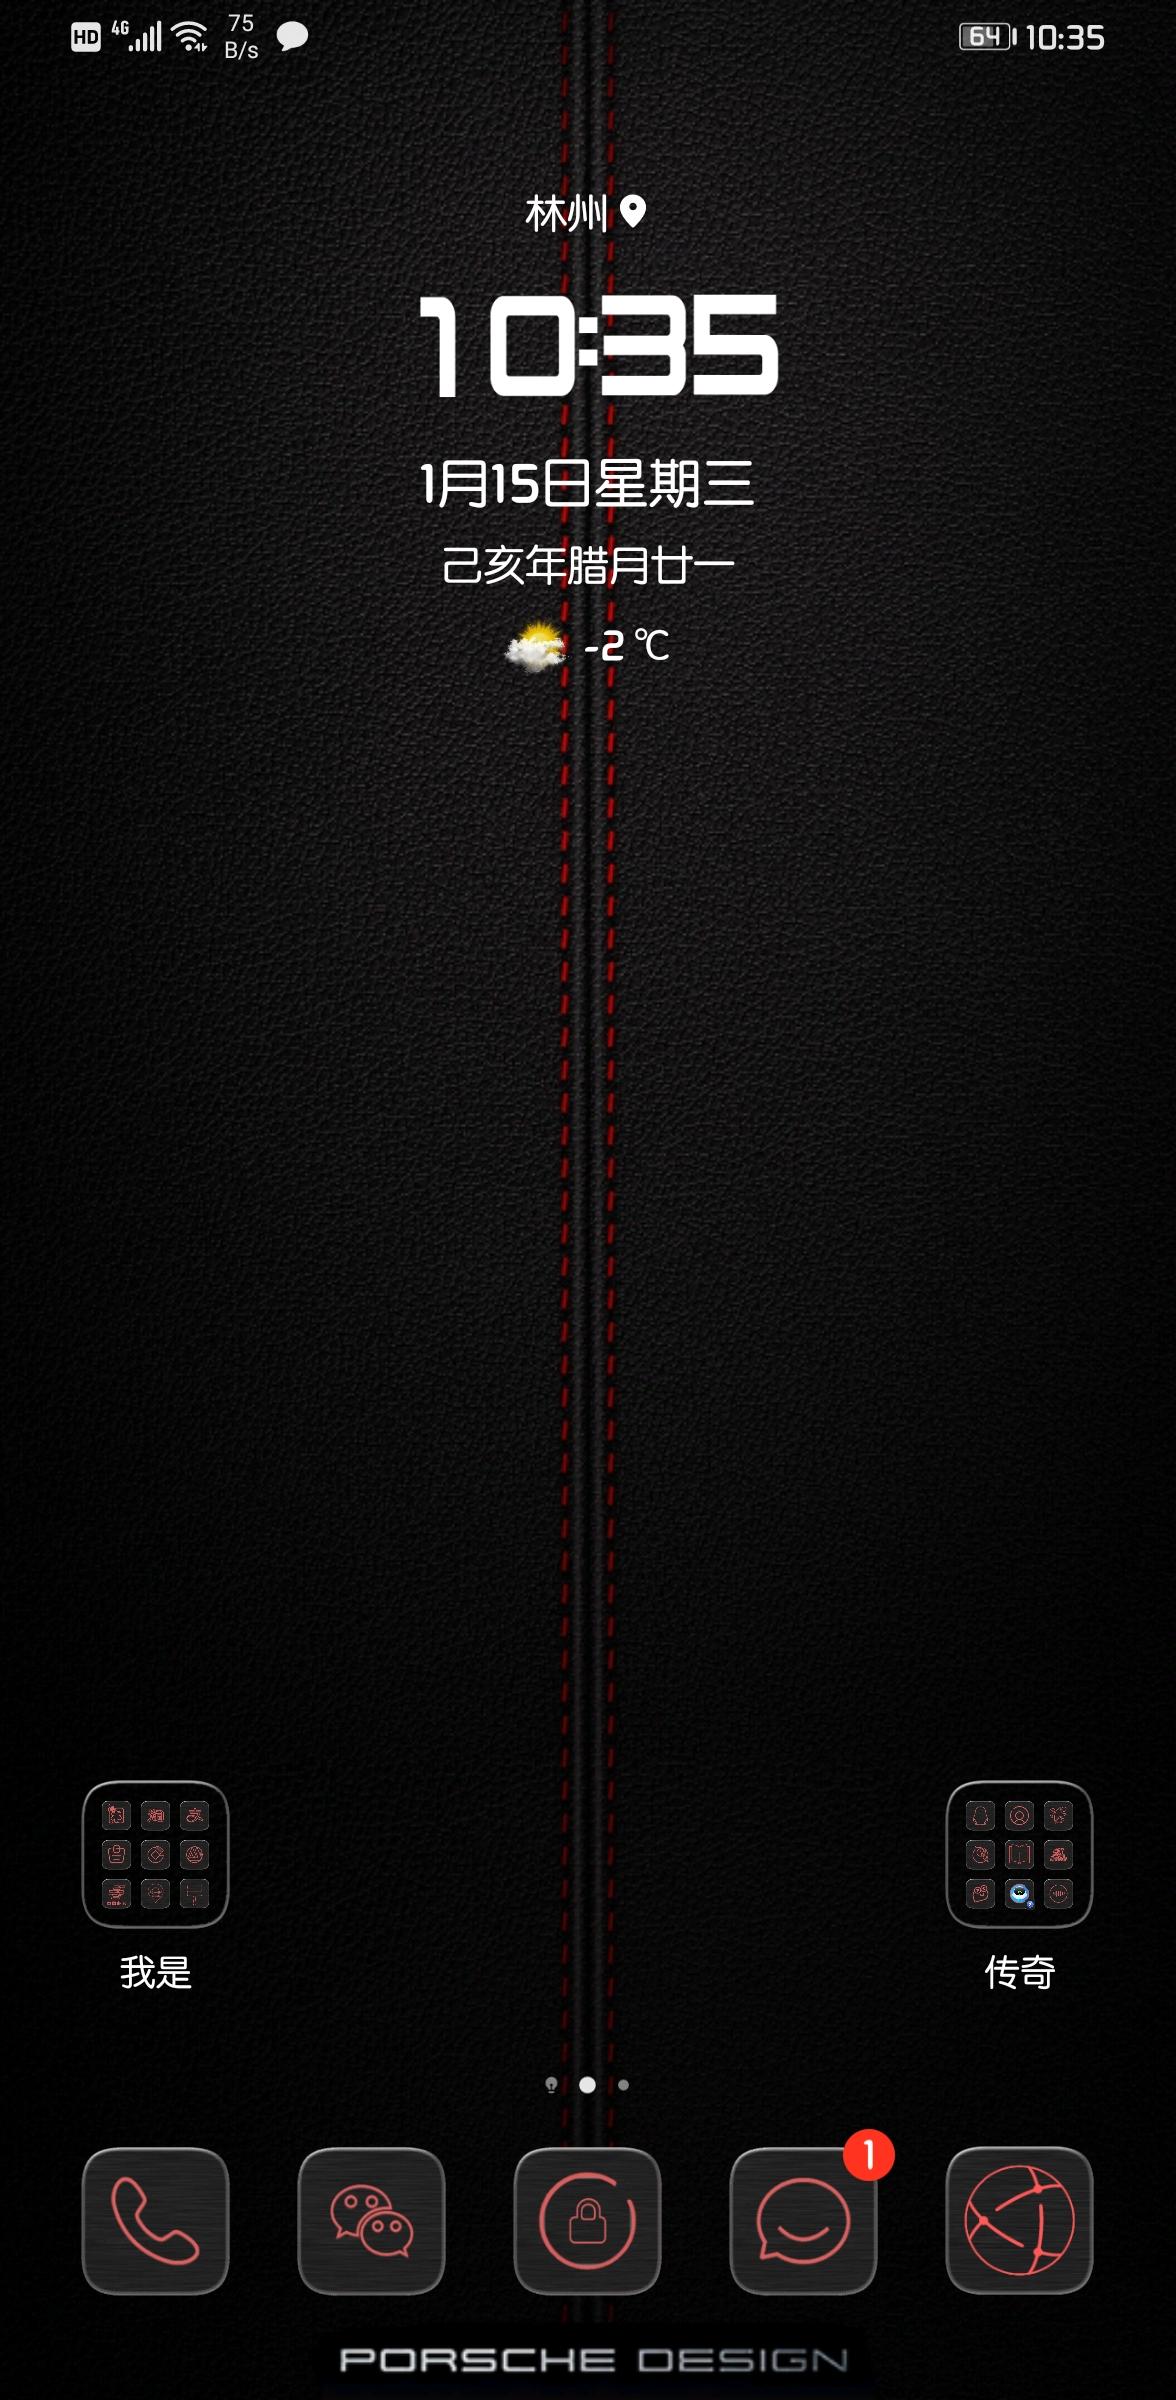 Screenshot_20200115_103536_com.huawei.android.launcher.jpg